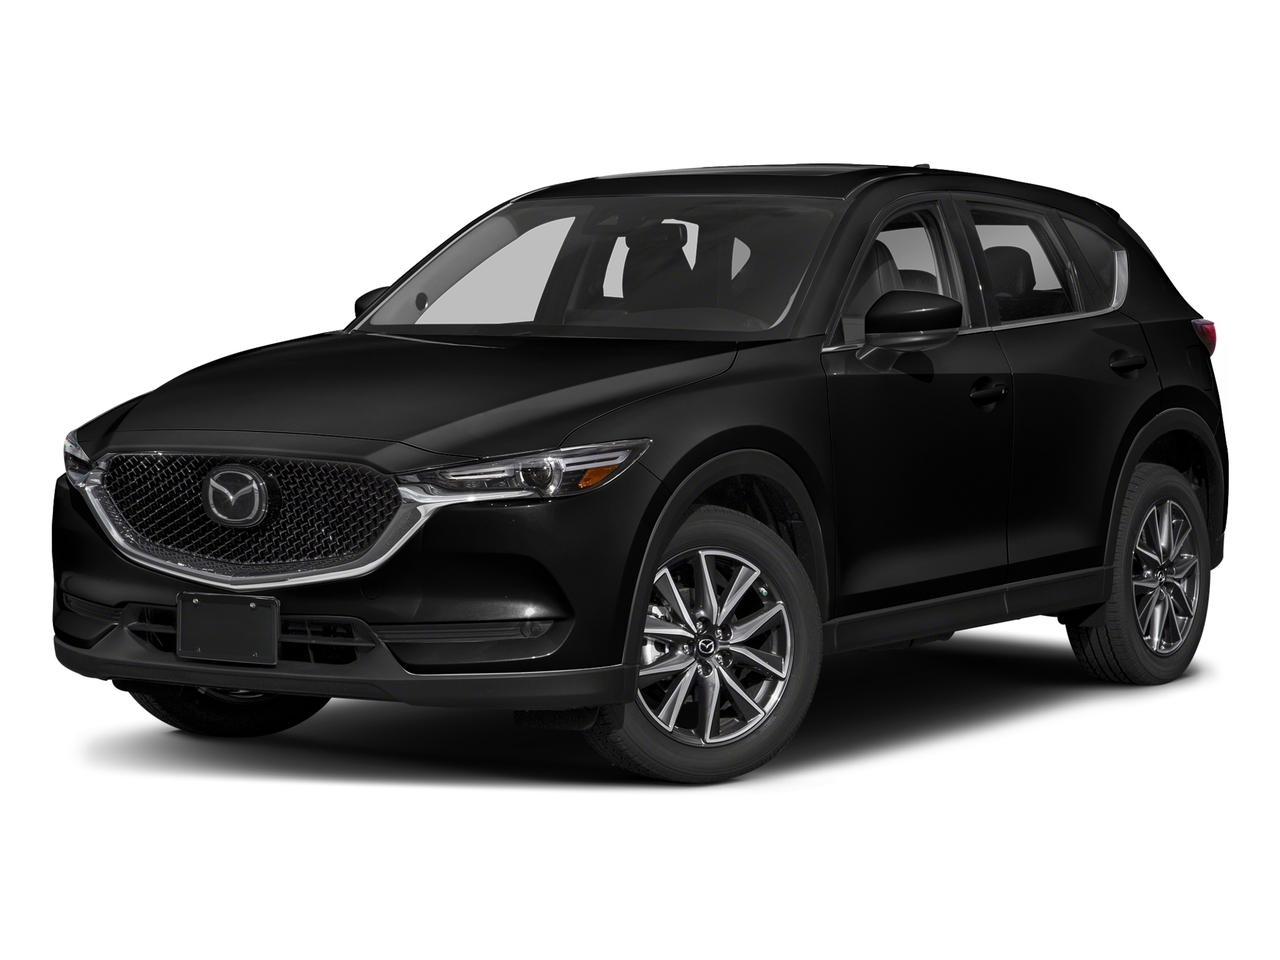 2018 Mazda CX-5 Vehicle Photo in NEENAH, WI 54956-2243